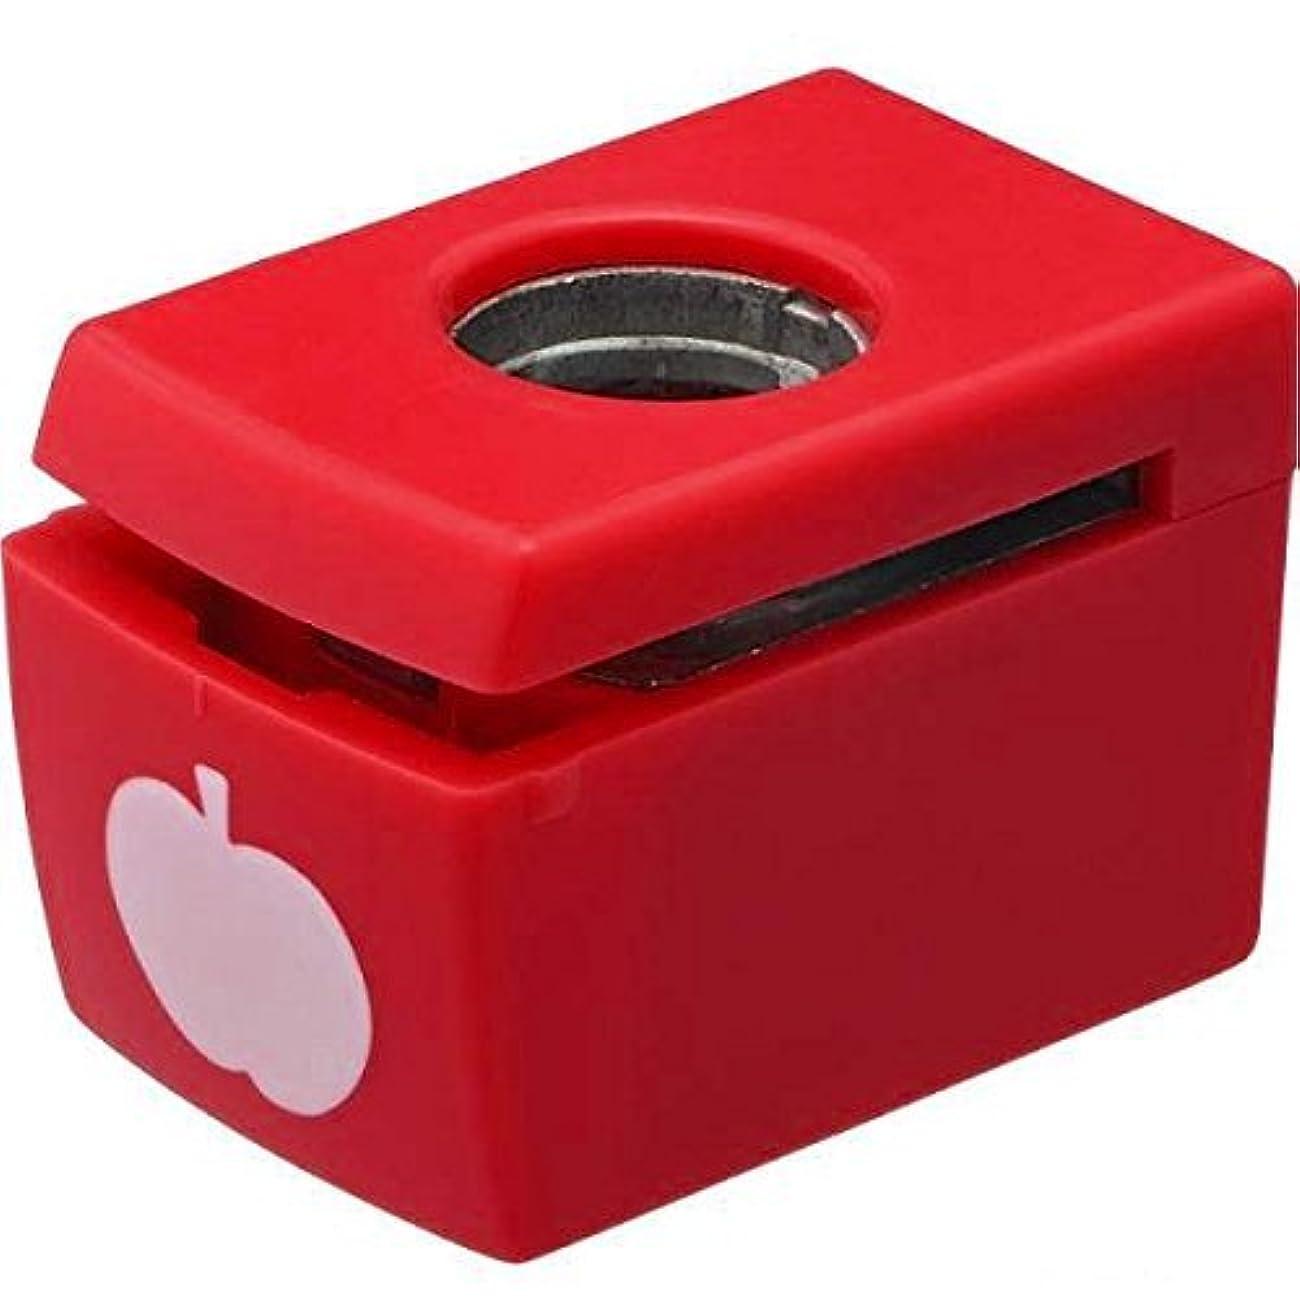 エスカレートピケどこにもキングジム ひよりパンチ抜き型りんご MPPC-04 00187712【まとめ買い10個セット】